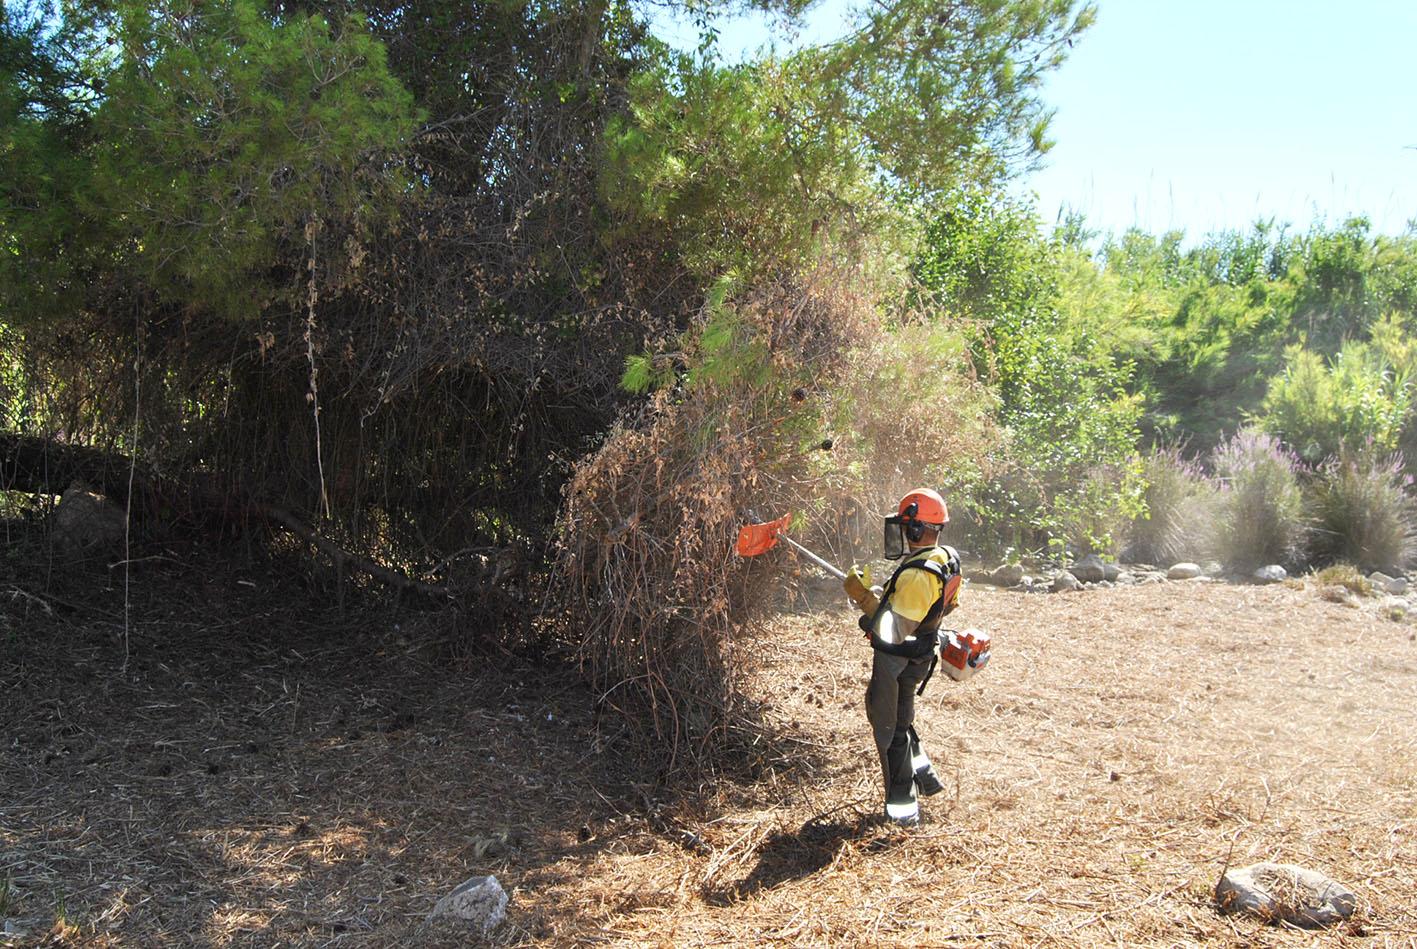 La actuación comprende la eliminación de cañar y actuaciones selectivas sobre la vegetación a lo largo de 34.000 m2 de superficie.